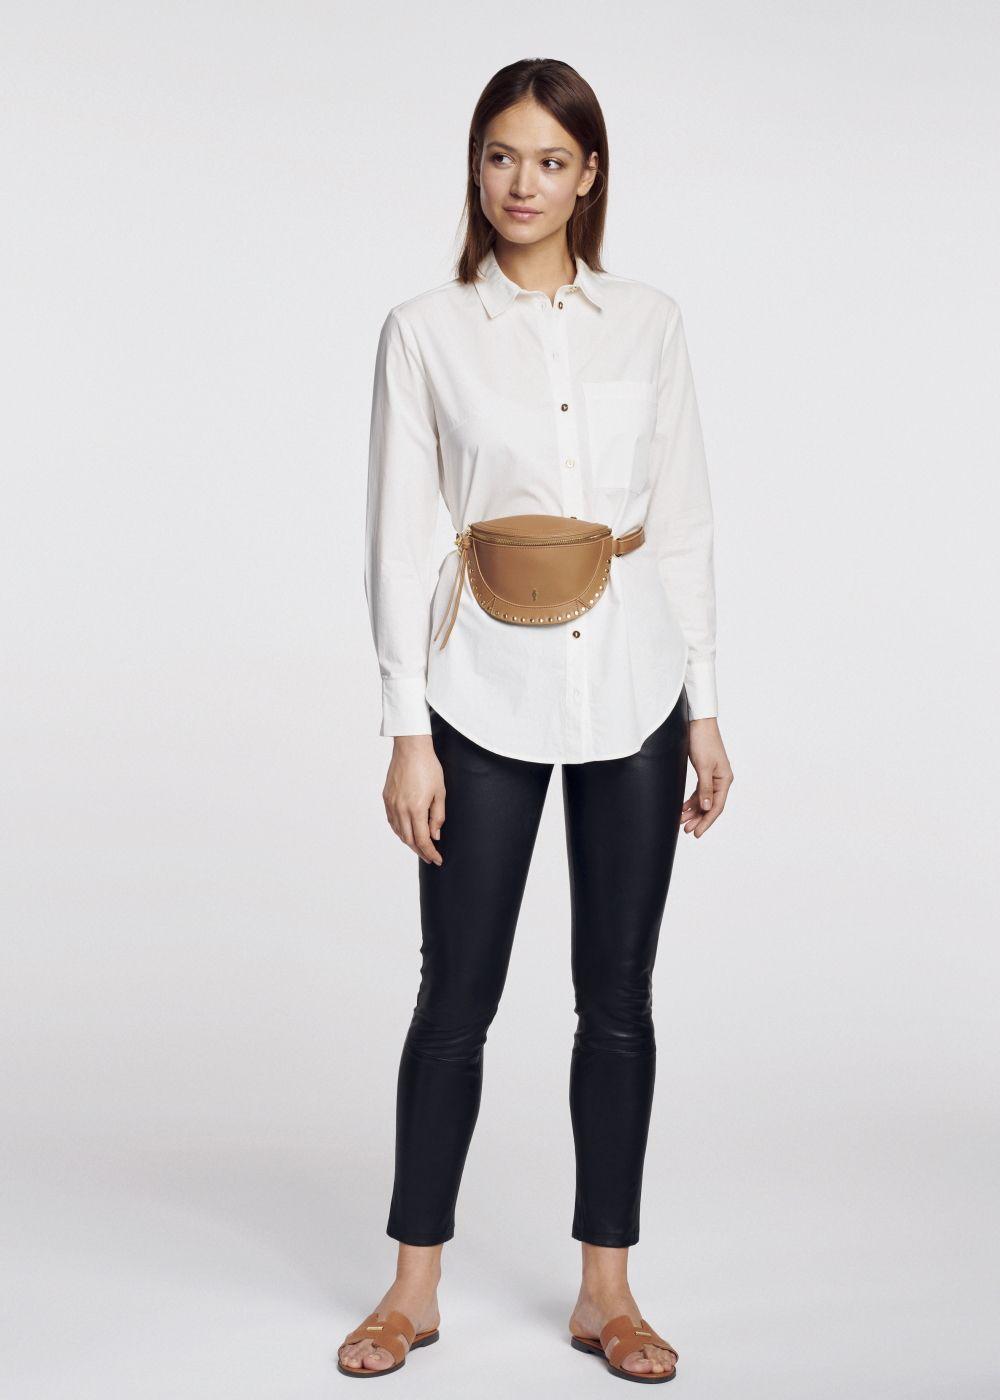 Koszula damska KOSDT-0071-11(W21)